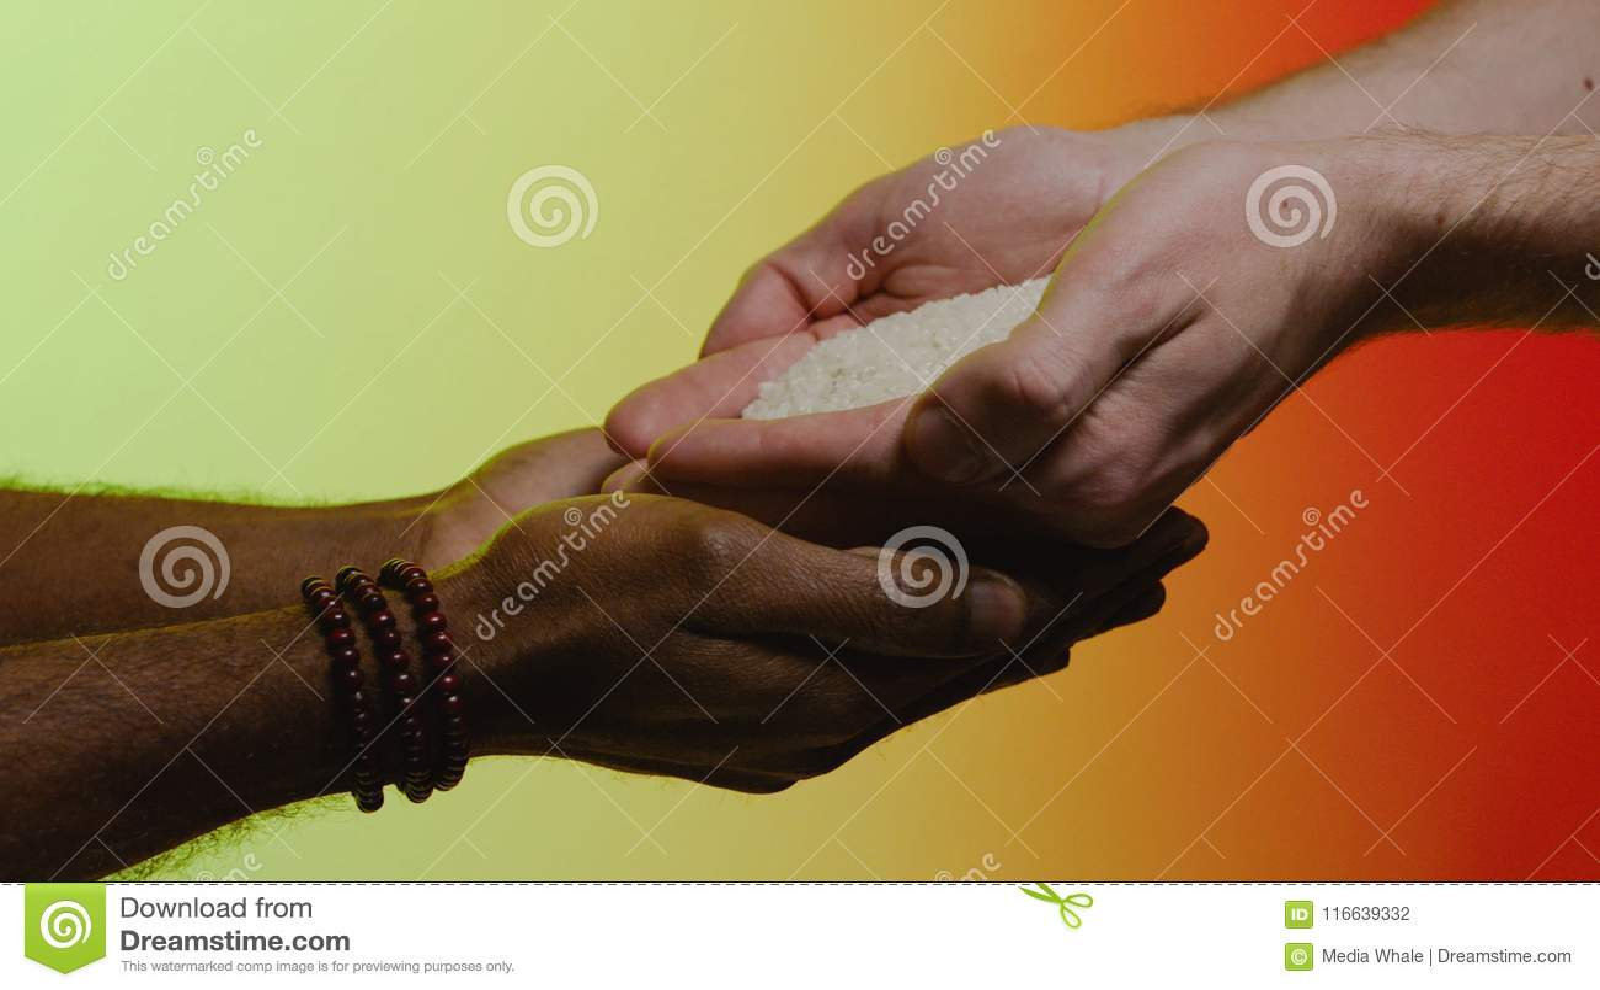 Wiedergabe 3d mit hdri Blitz ablage Empathie, Mitleid, Hilfe, Güte Humanitäre Hilfe zu den afrikanischen Ländern Hände gießen